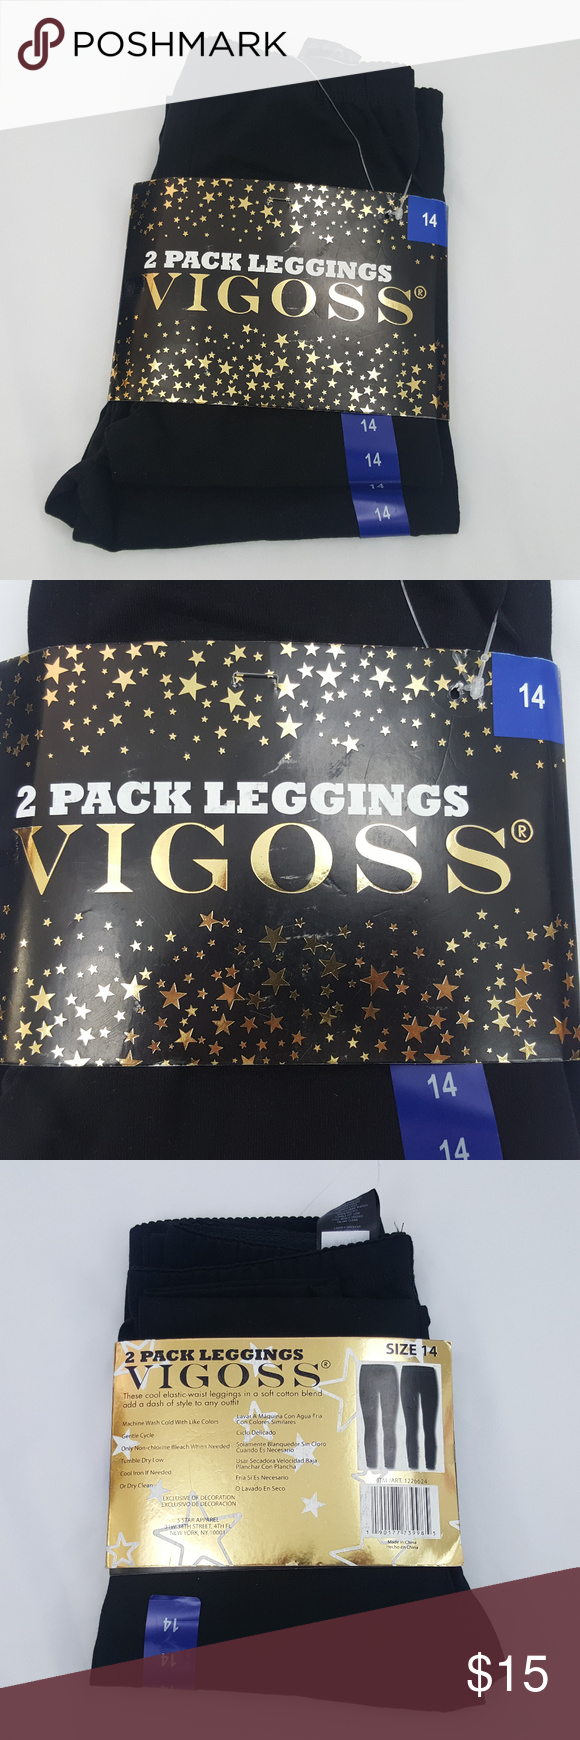 4a687c71e4216 NWT Vigoss Girl's Black Leggings 2 Pack Size 14 NWT Vigoss girl's black  leggings, 2 pack size 14. 95% Cotton, 5% Spandex. C01-37cpeb Vigoss Bottoms  Leggings